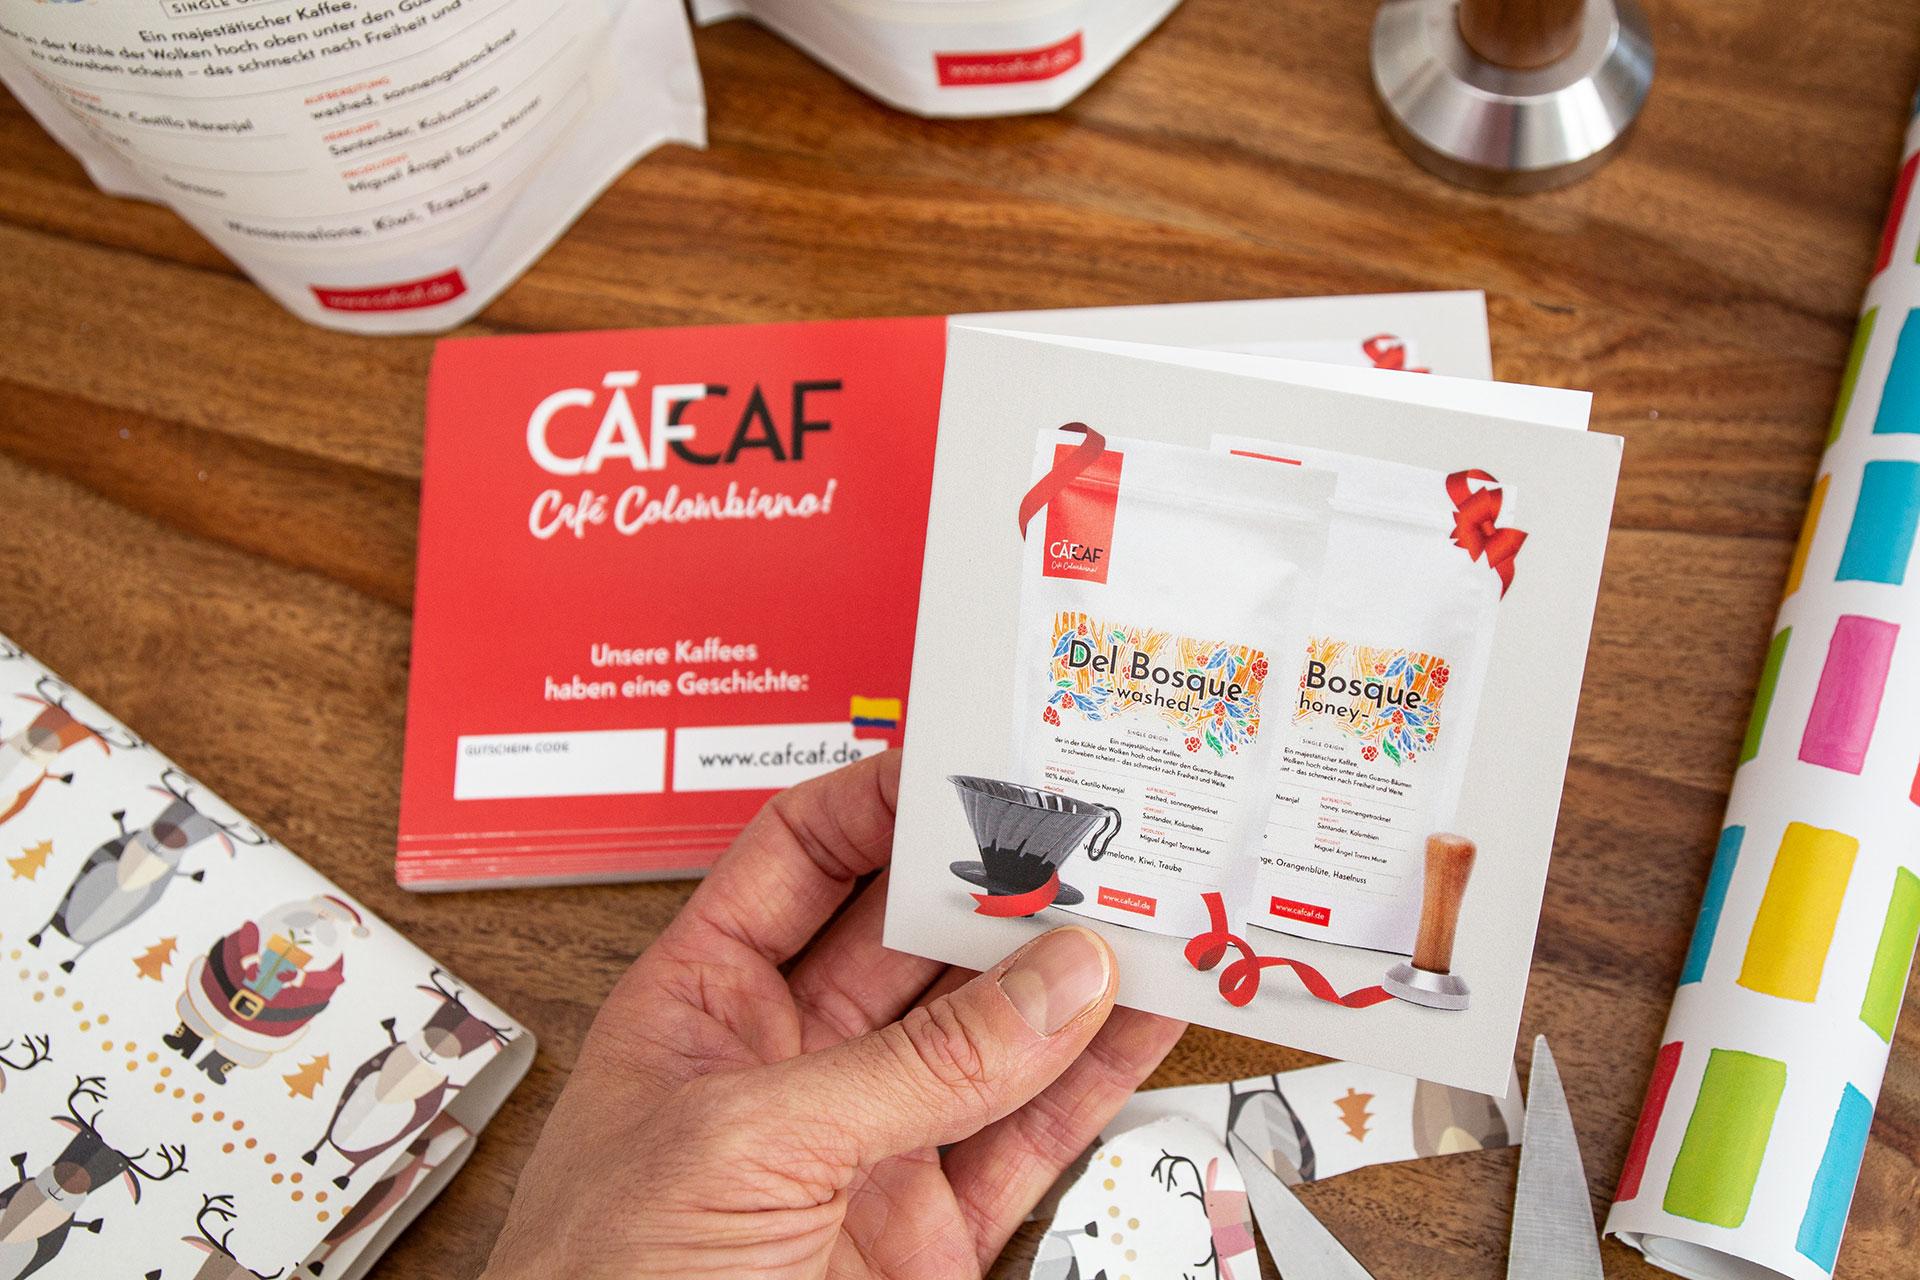 Der CafCaf Kaffeegutschein als Geschenk